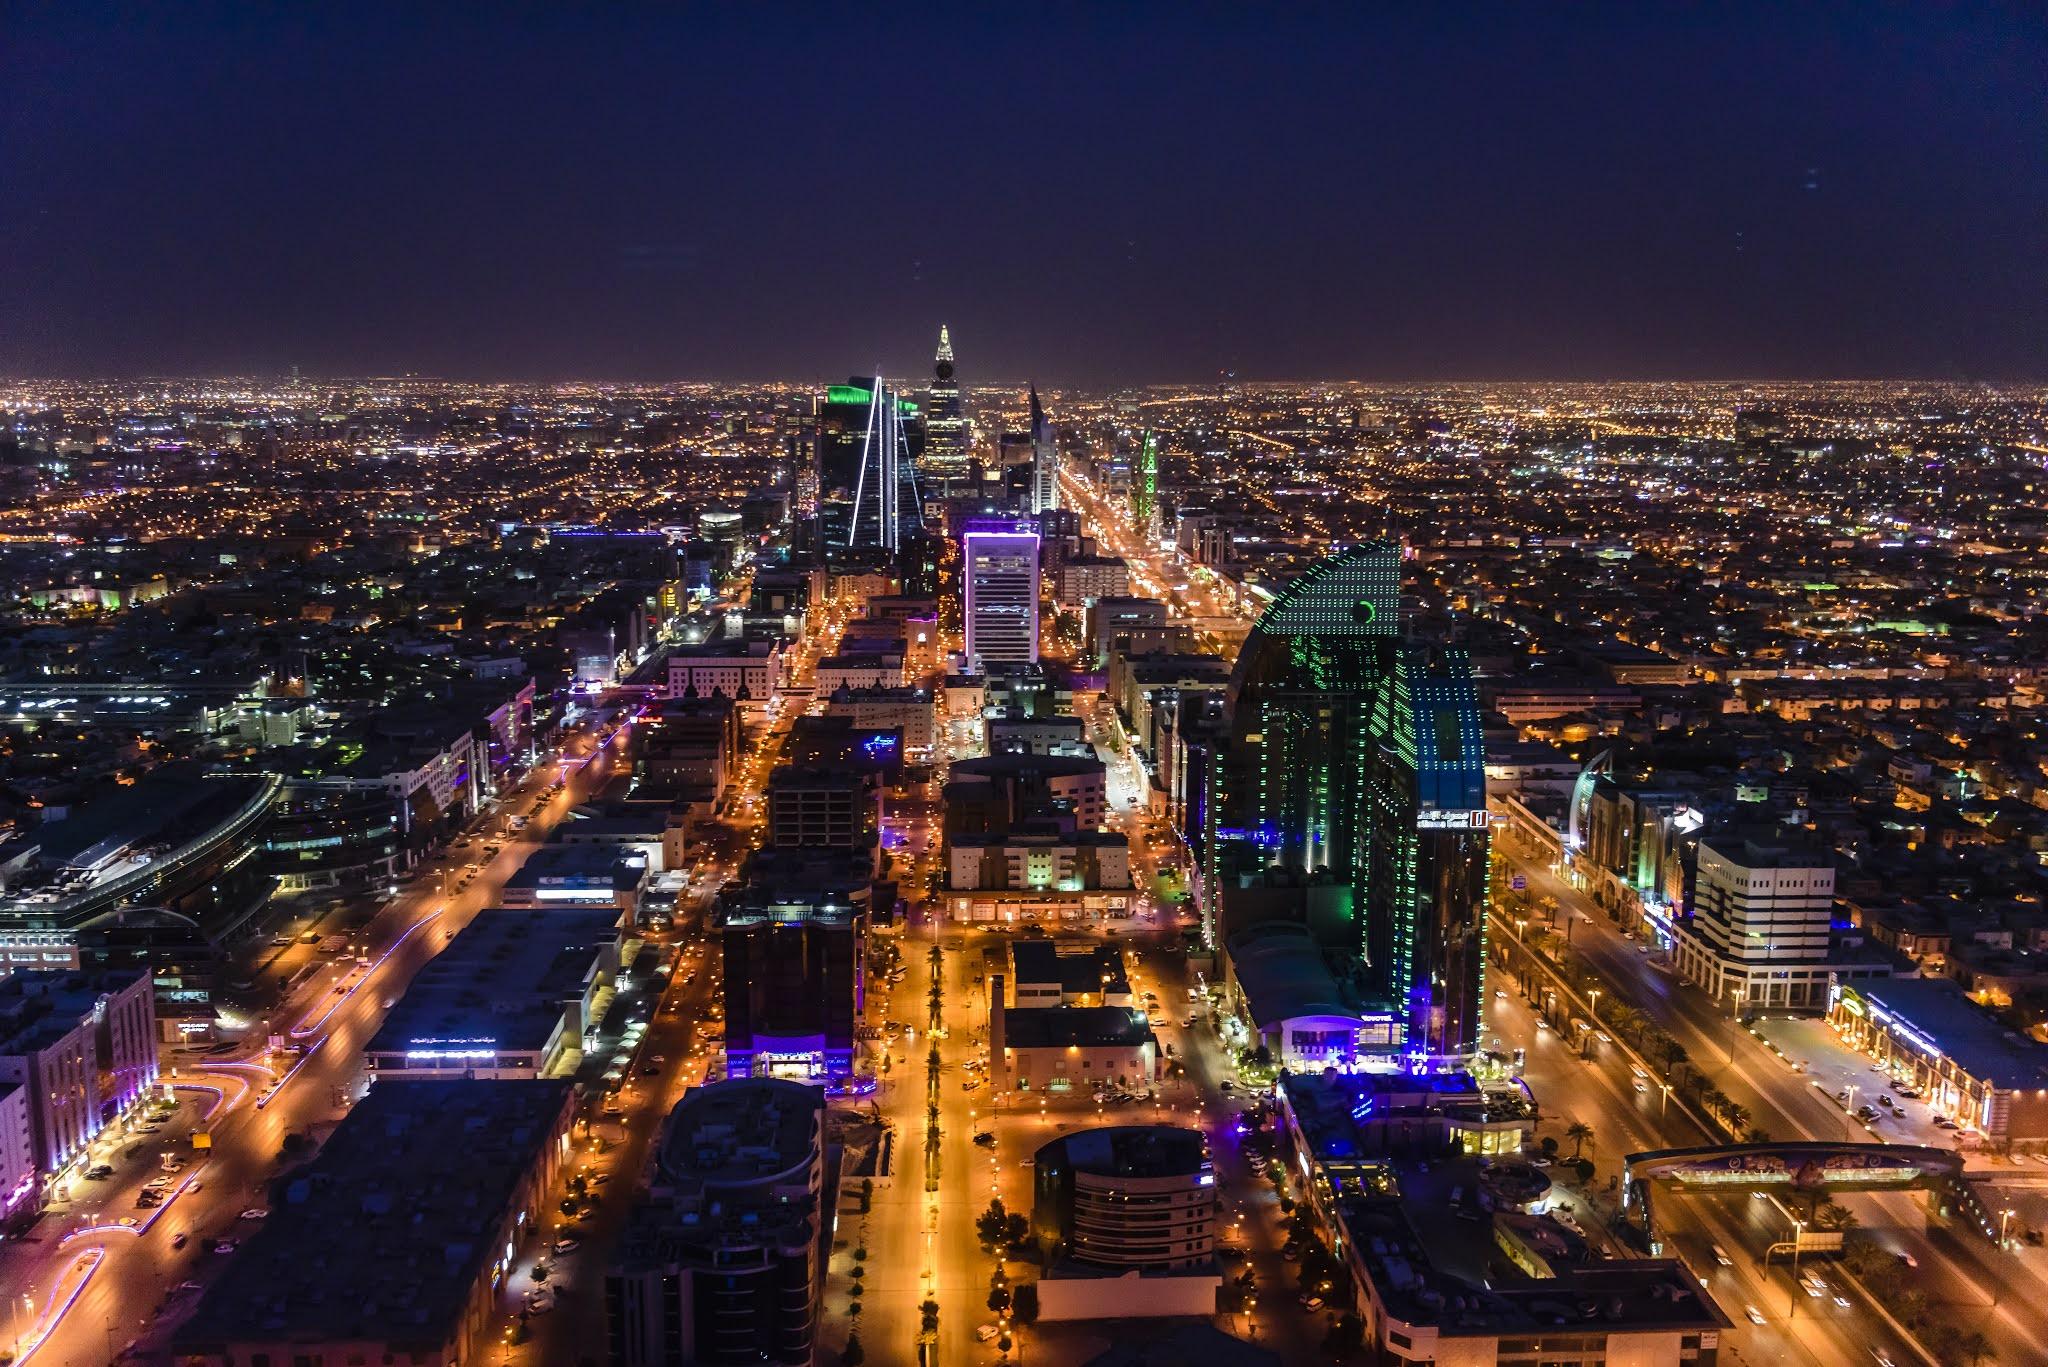 """""""مسار"""" المملكة العربية السعودية تستهدف استثمارات بـ4.5 مليار دولار"""